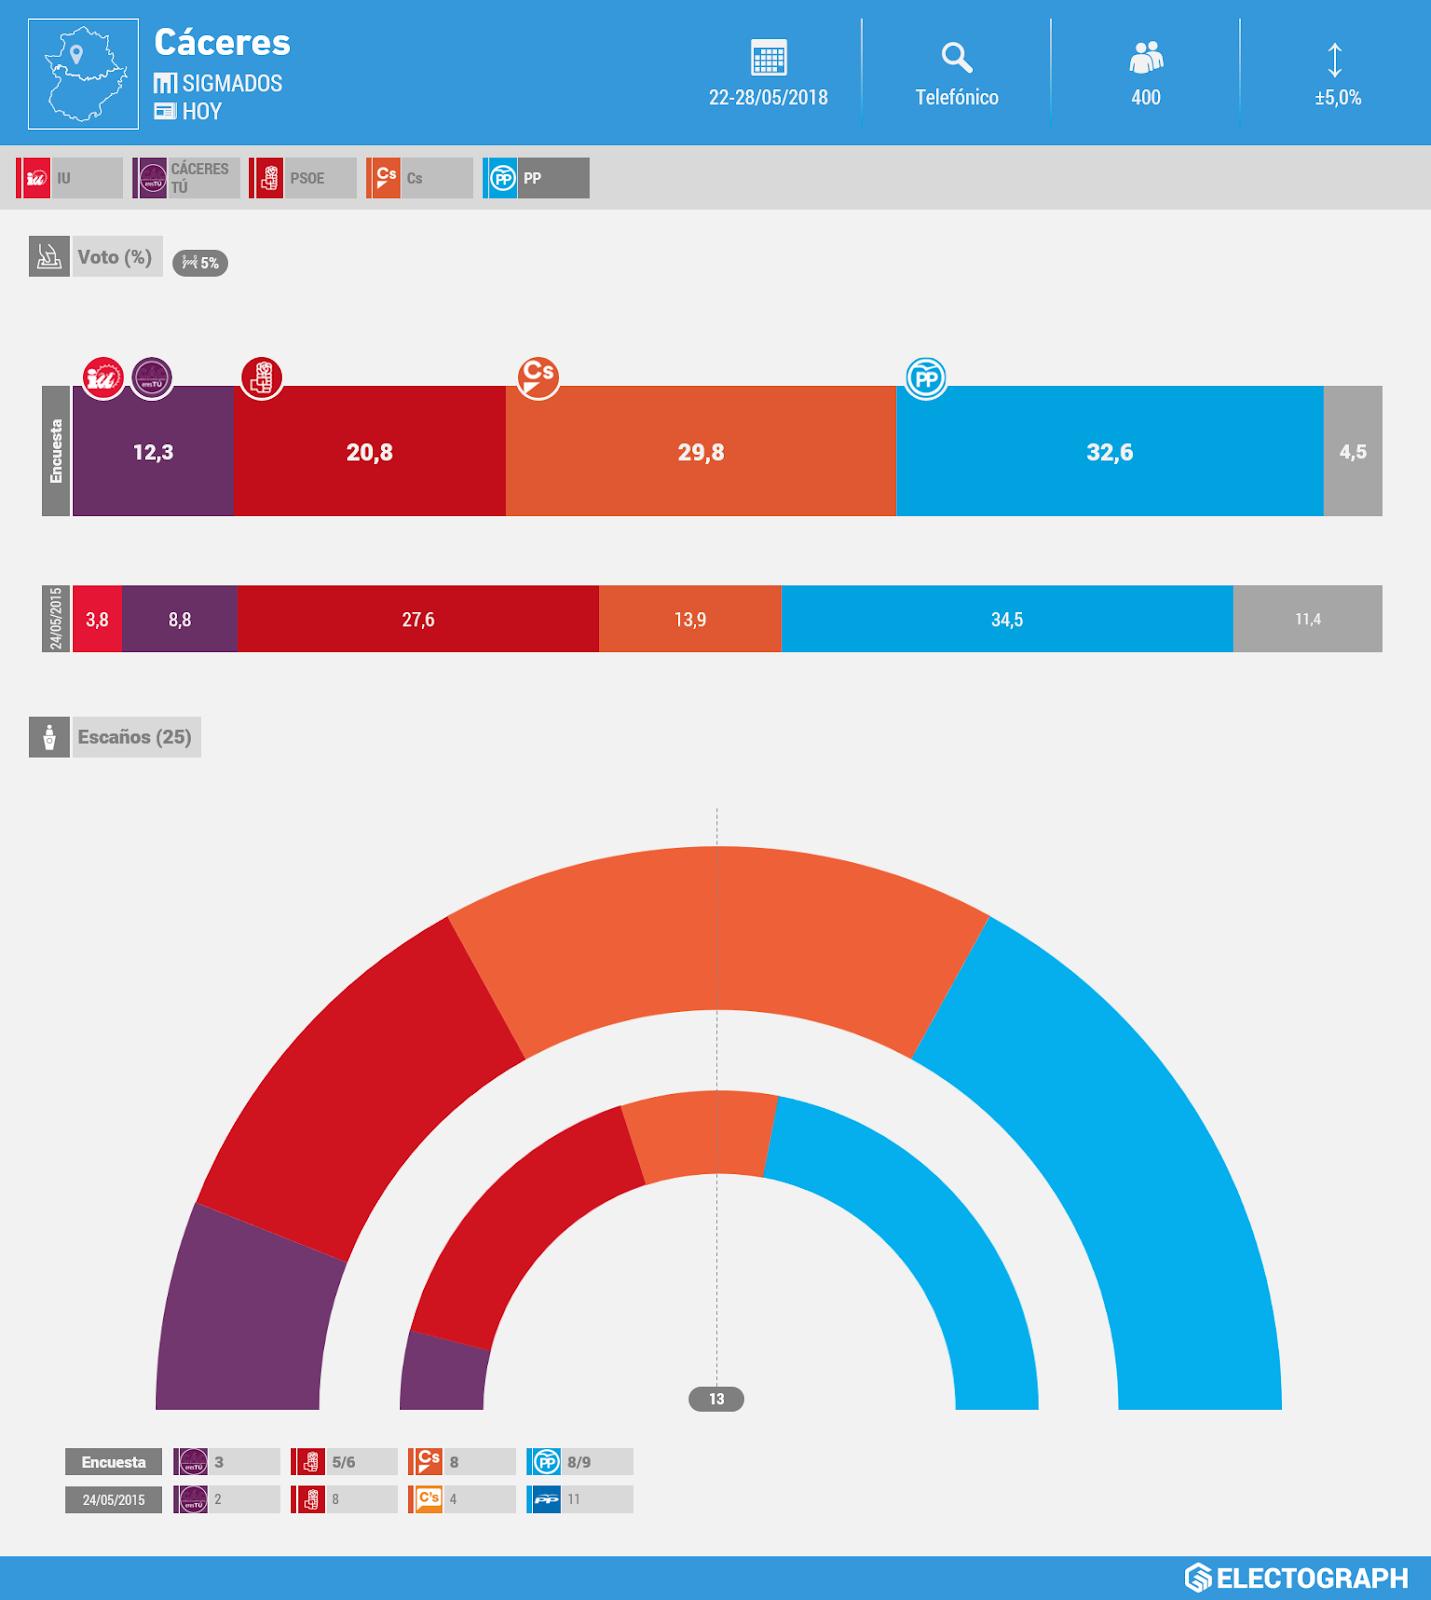 Gráfico de la encuesta para elecciones municipales en Cáceres realizada por SigmaDos para Hoy en mayo de 2018